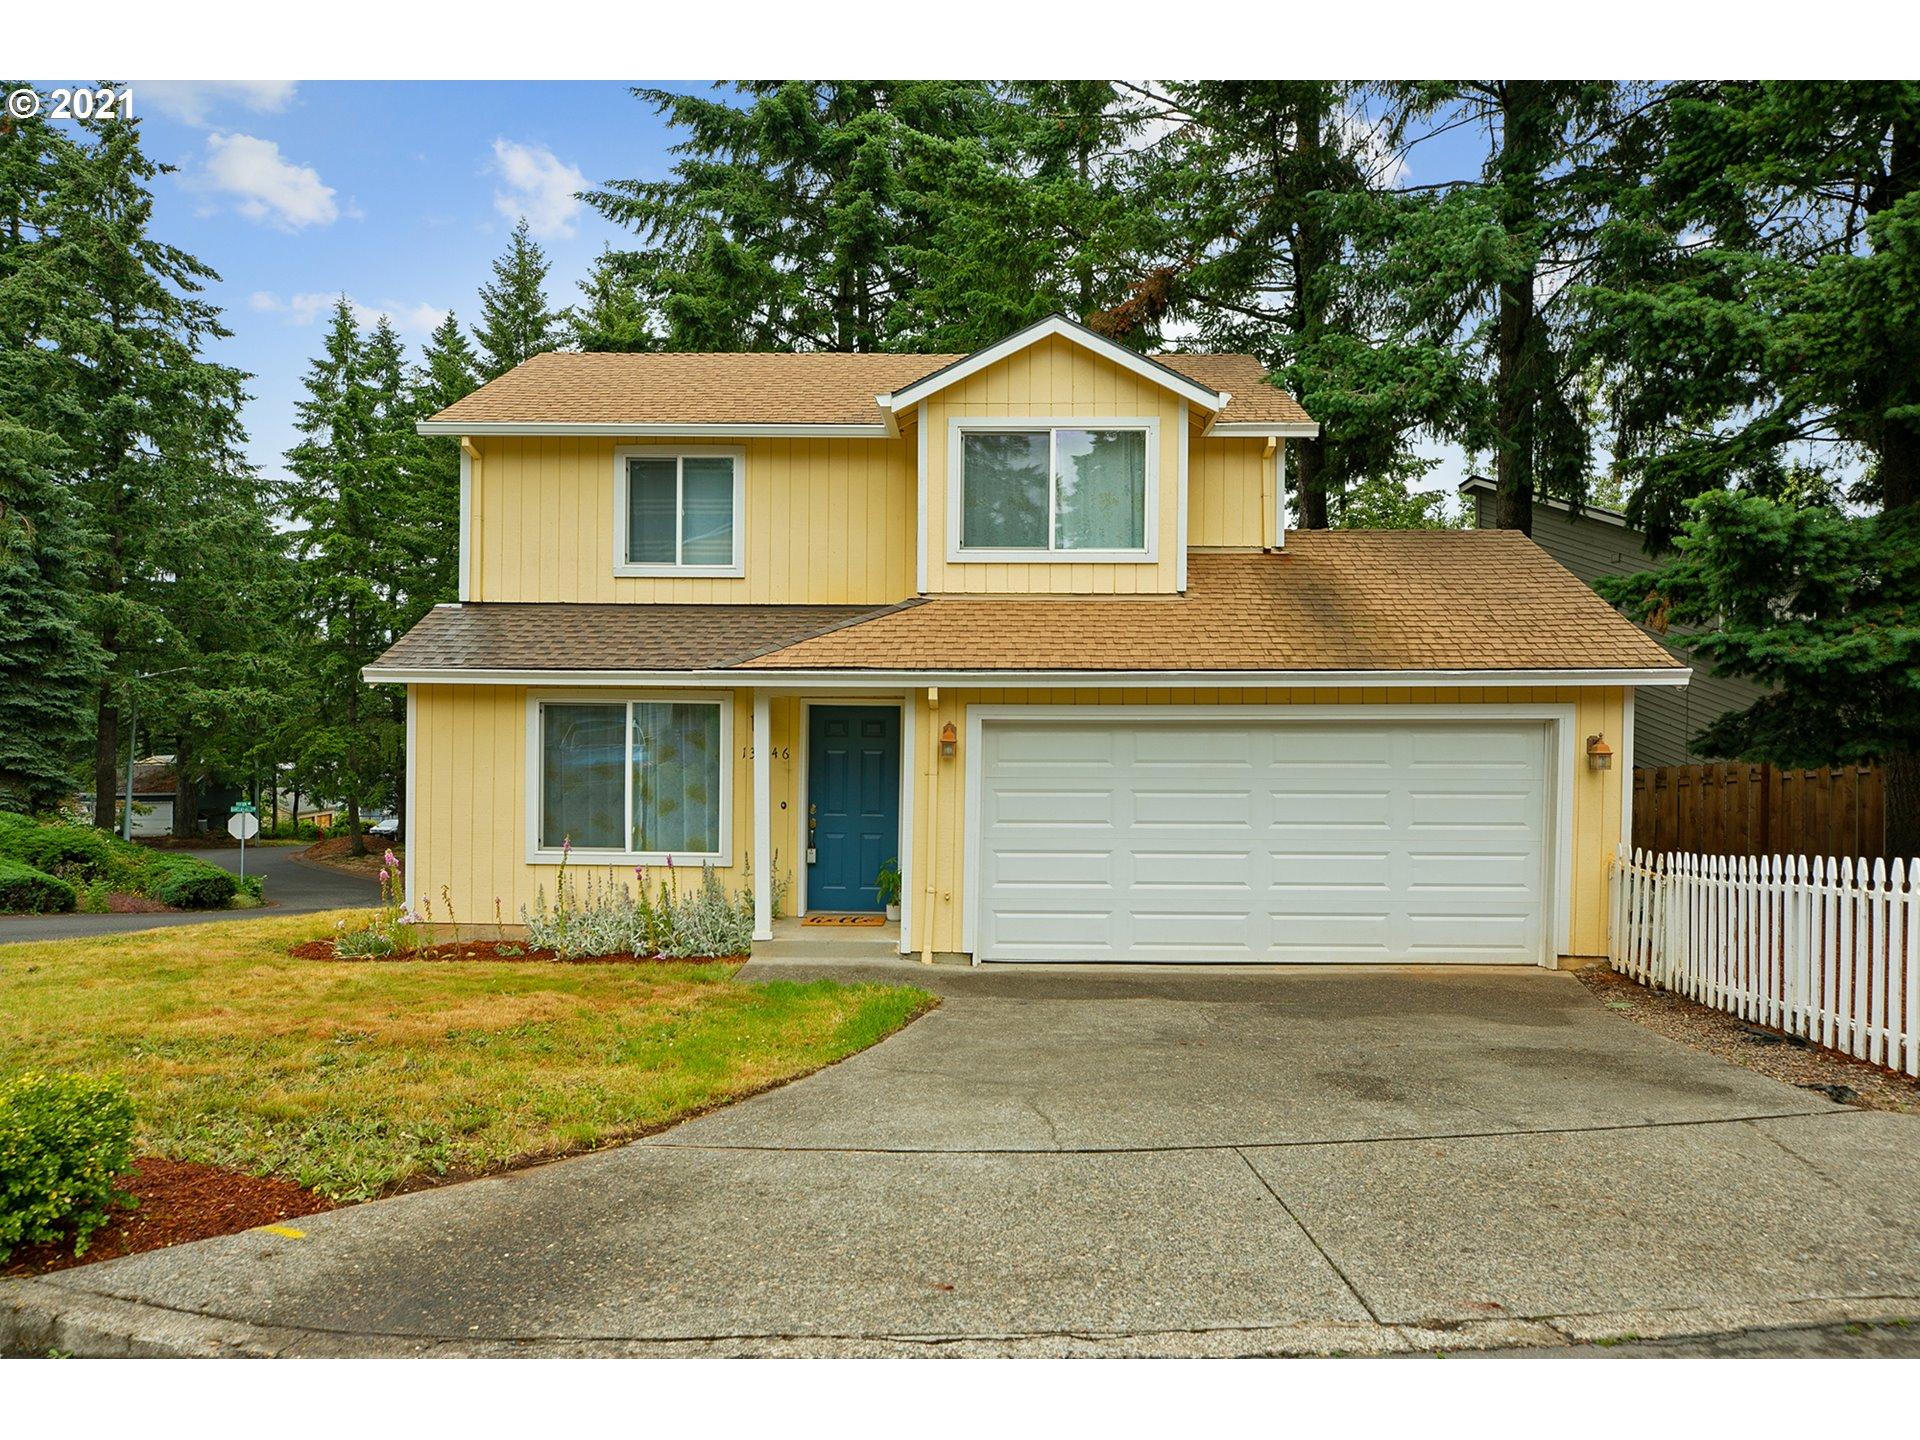 13546 JASON LEE DR, Oregon City OR 97045